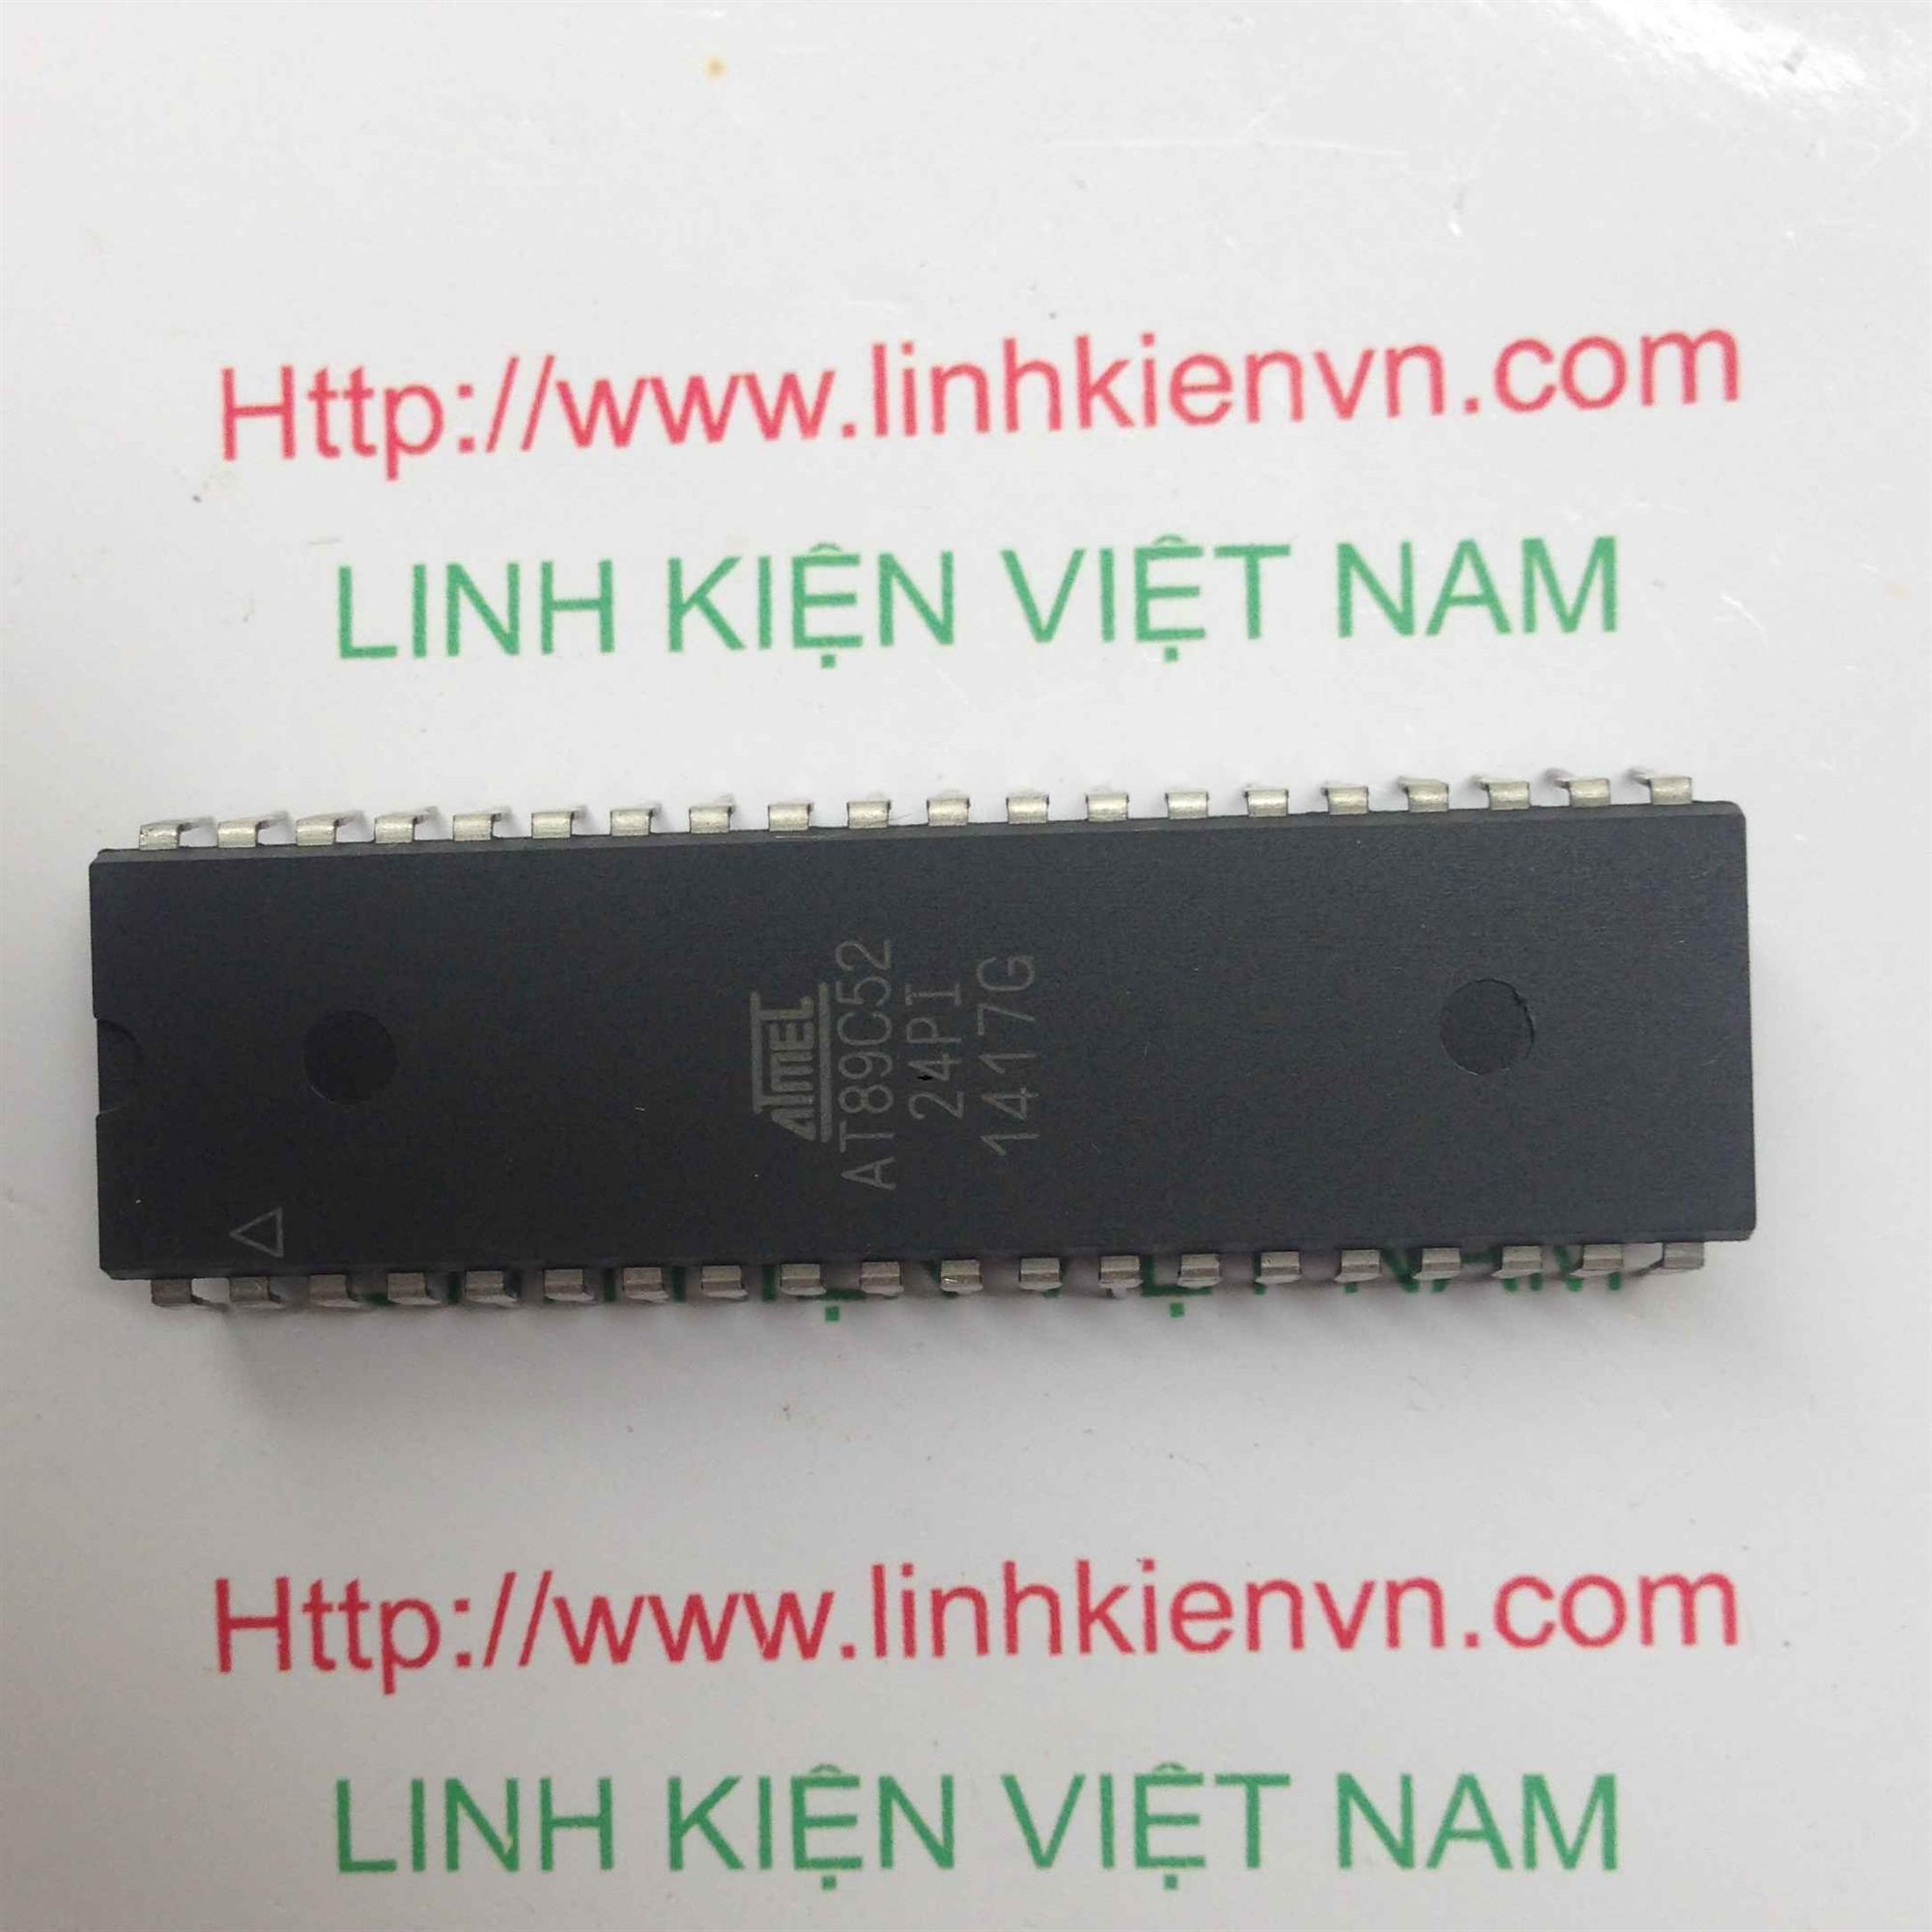 VI ĐIỀU KHIỂN AT89C52 - DIP40 - F1H1